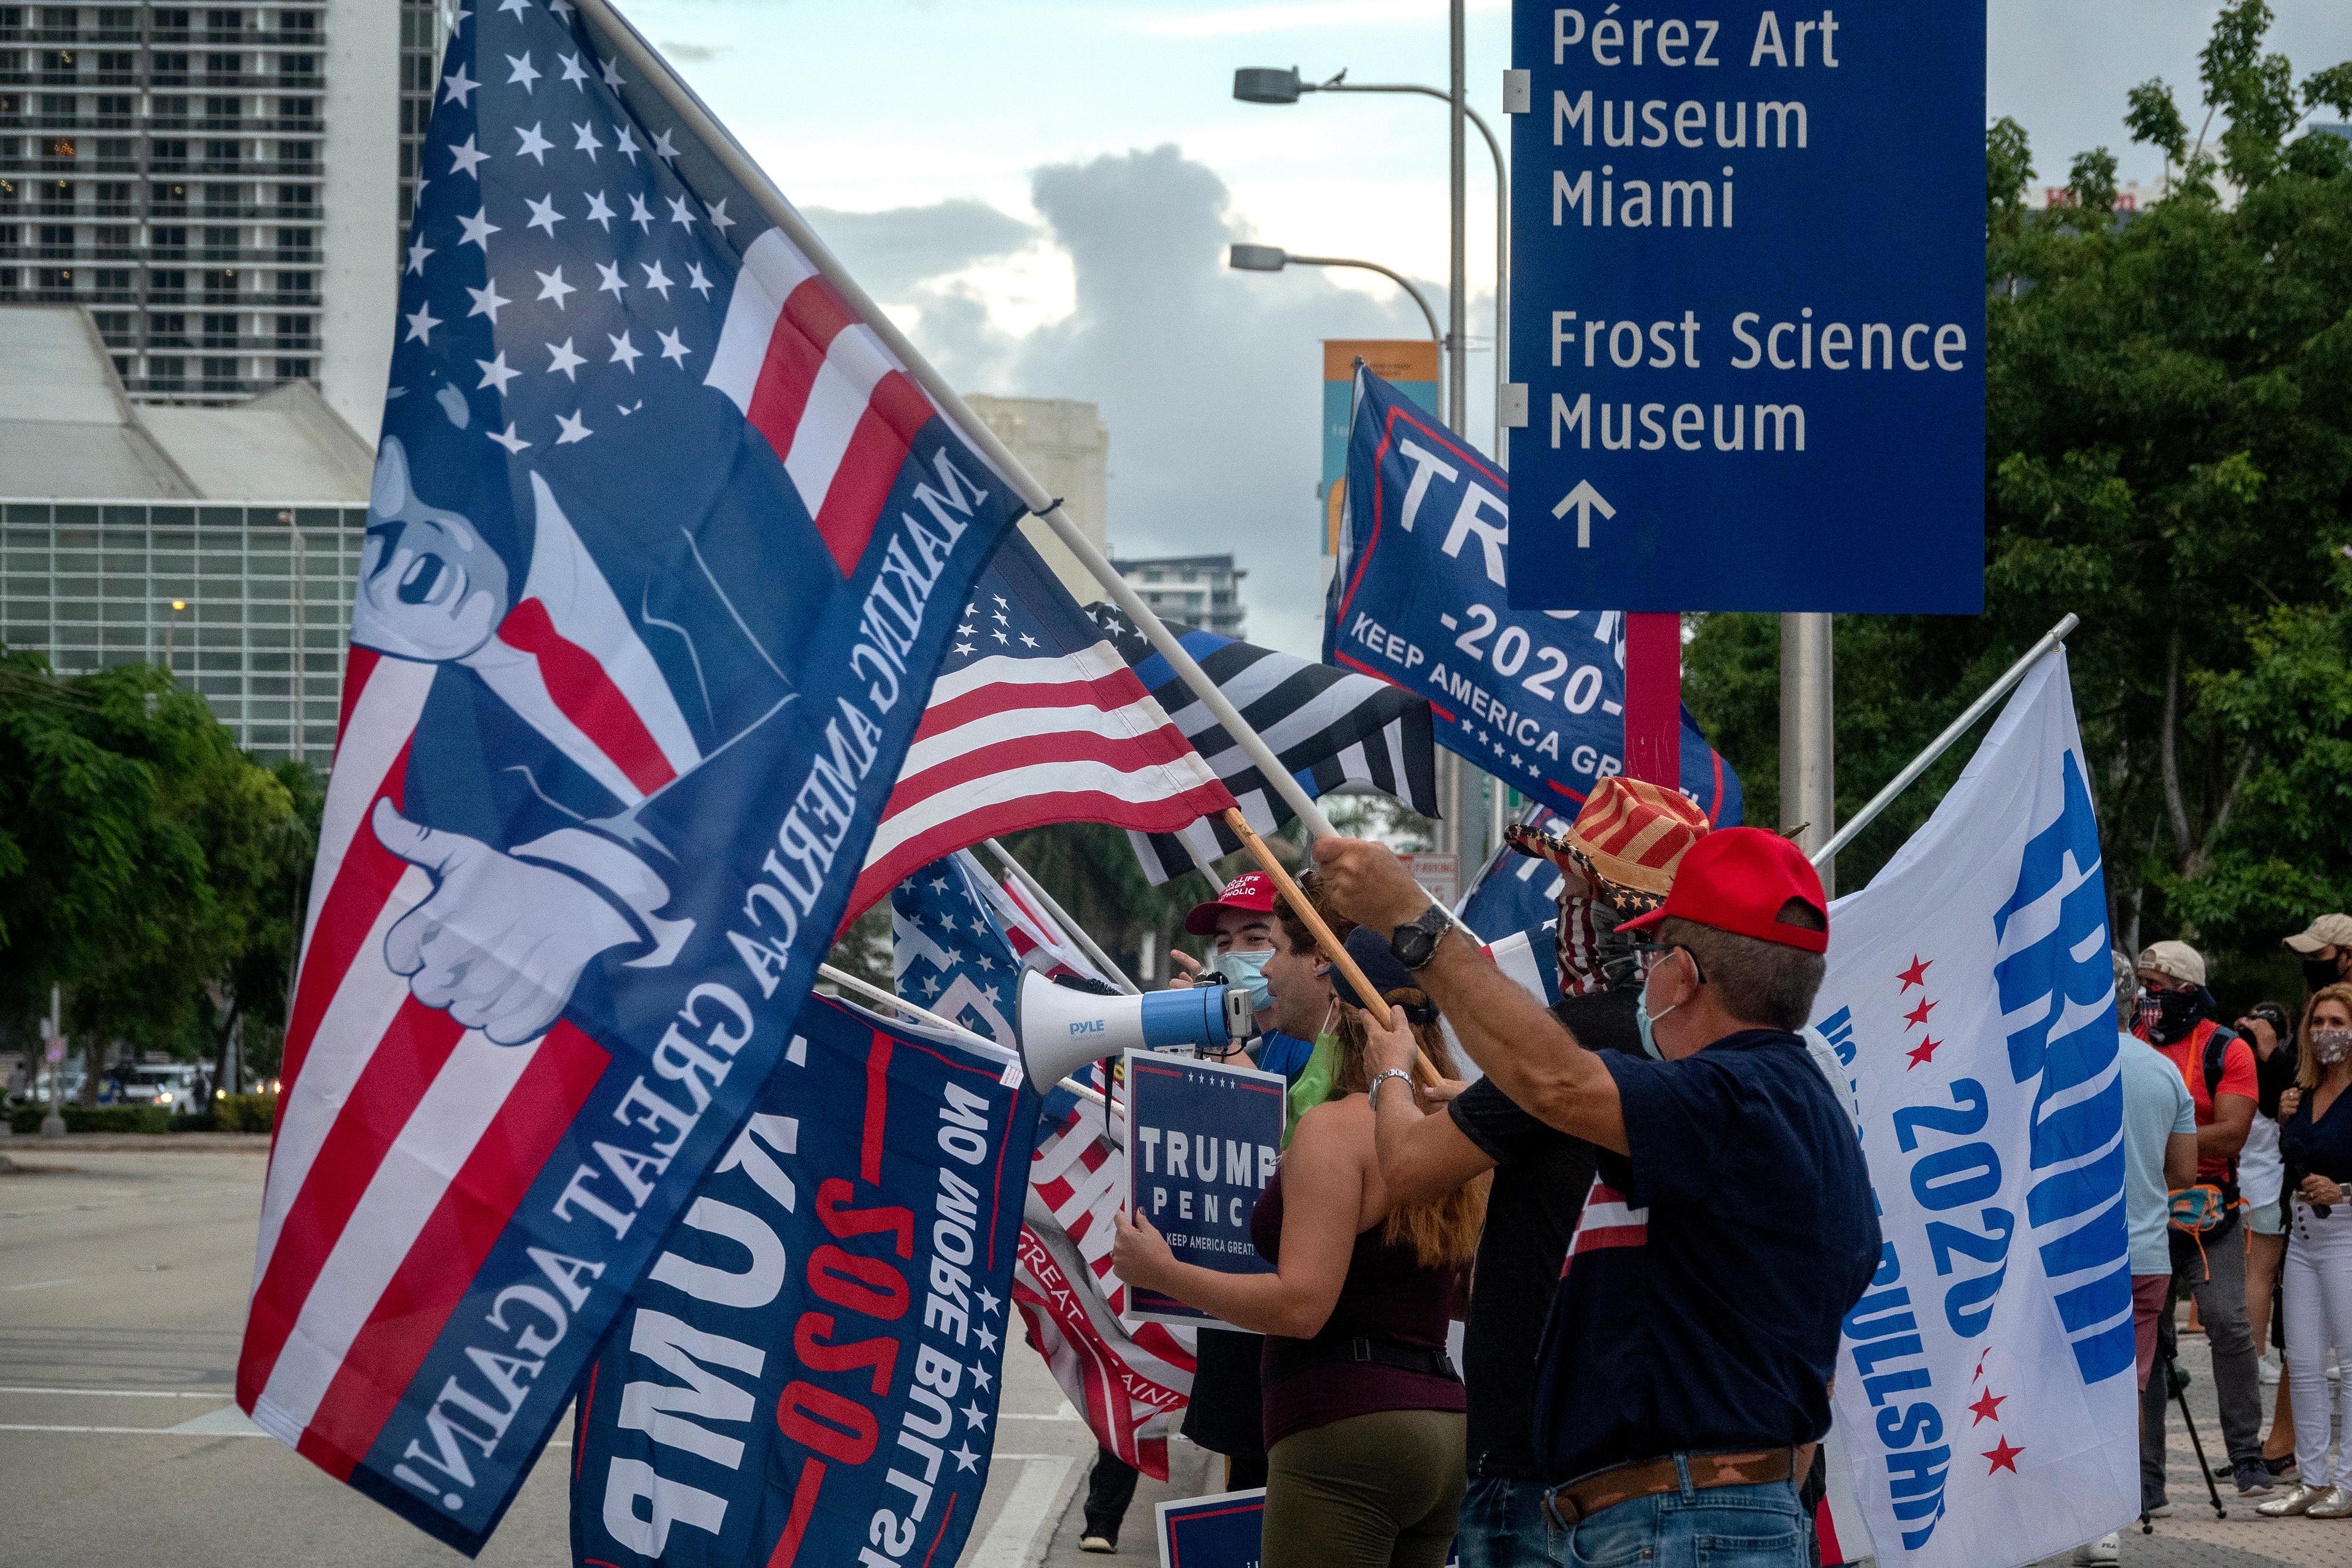 Partidarios de Trump ondean banderas de Make America Great Again en Miami